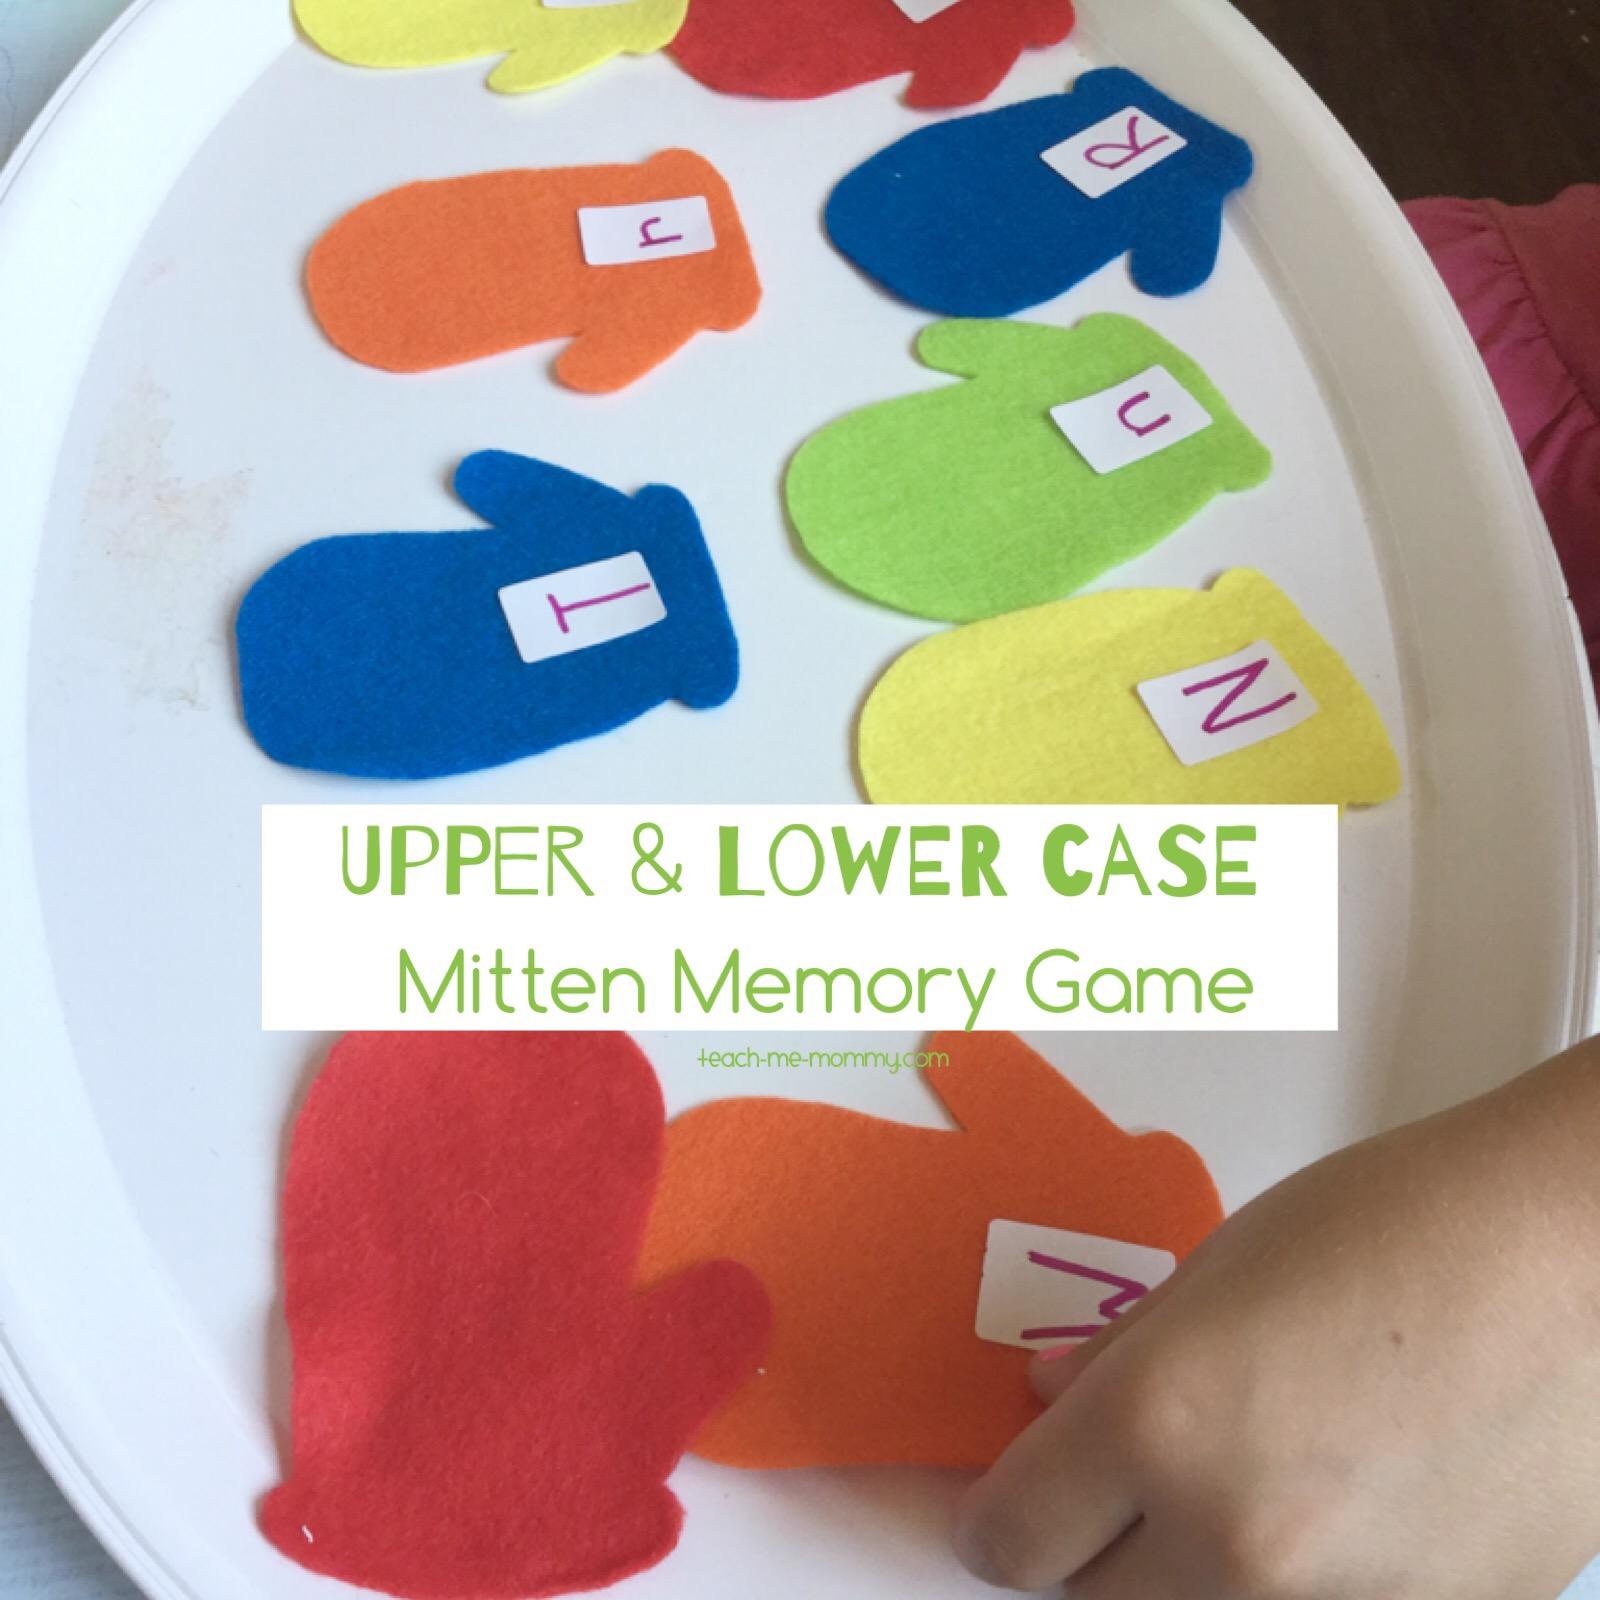 mitten match memory